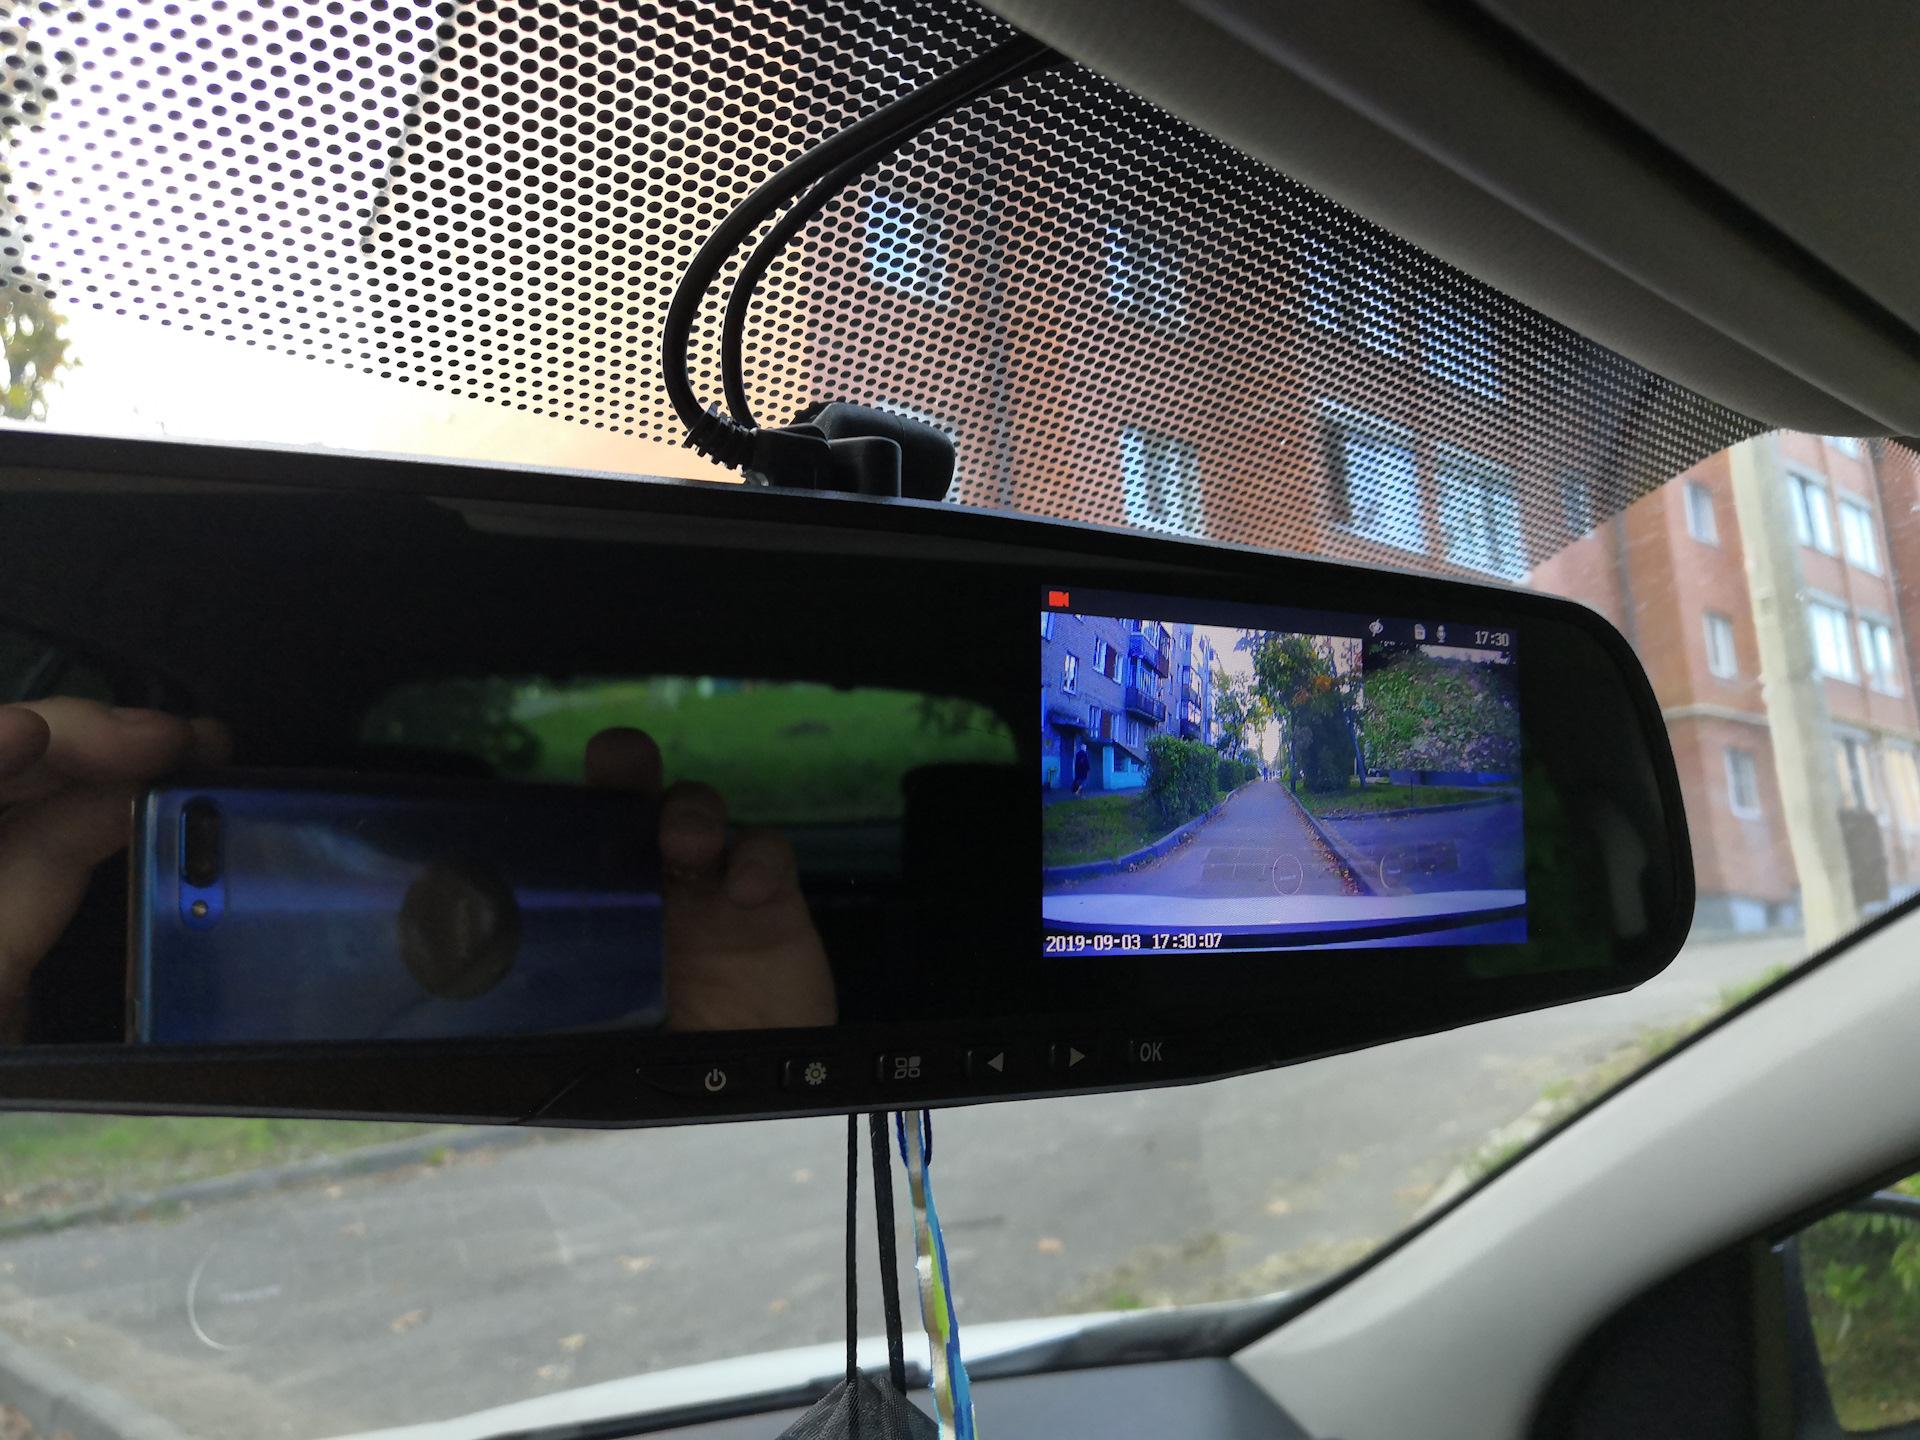 автомобильный видеорегистратор avr 424